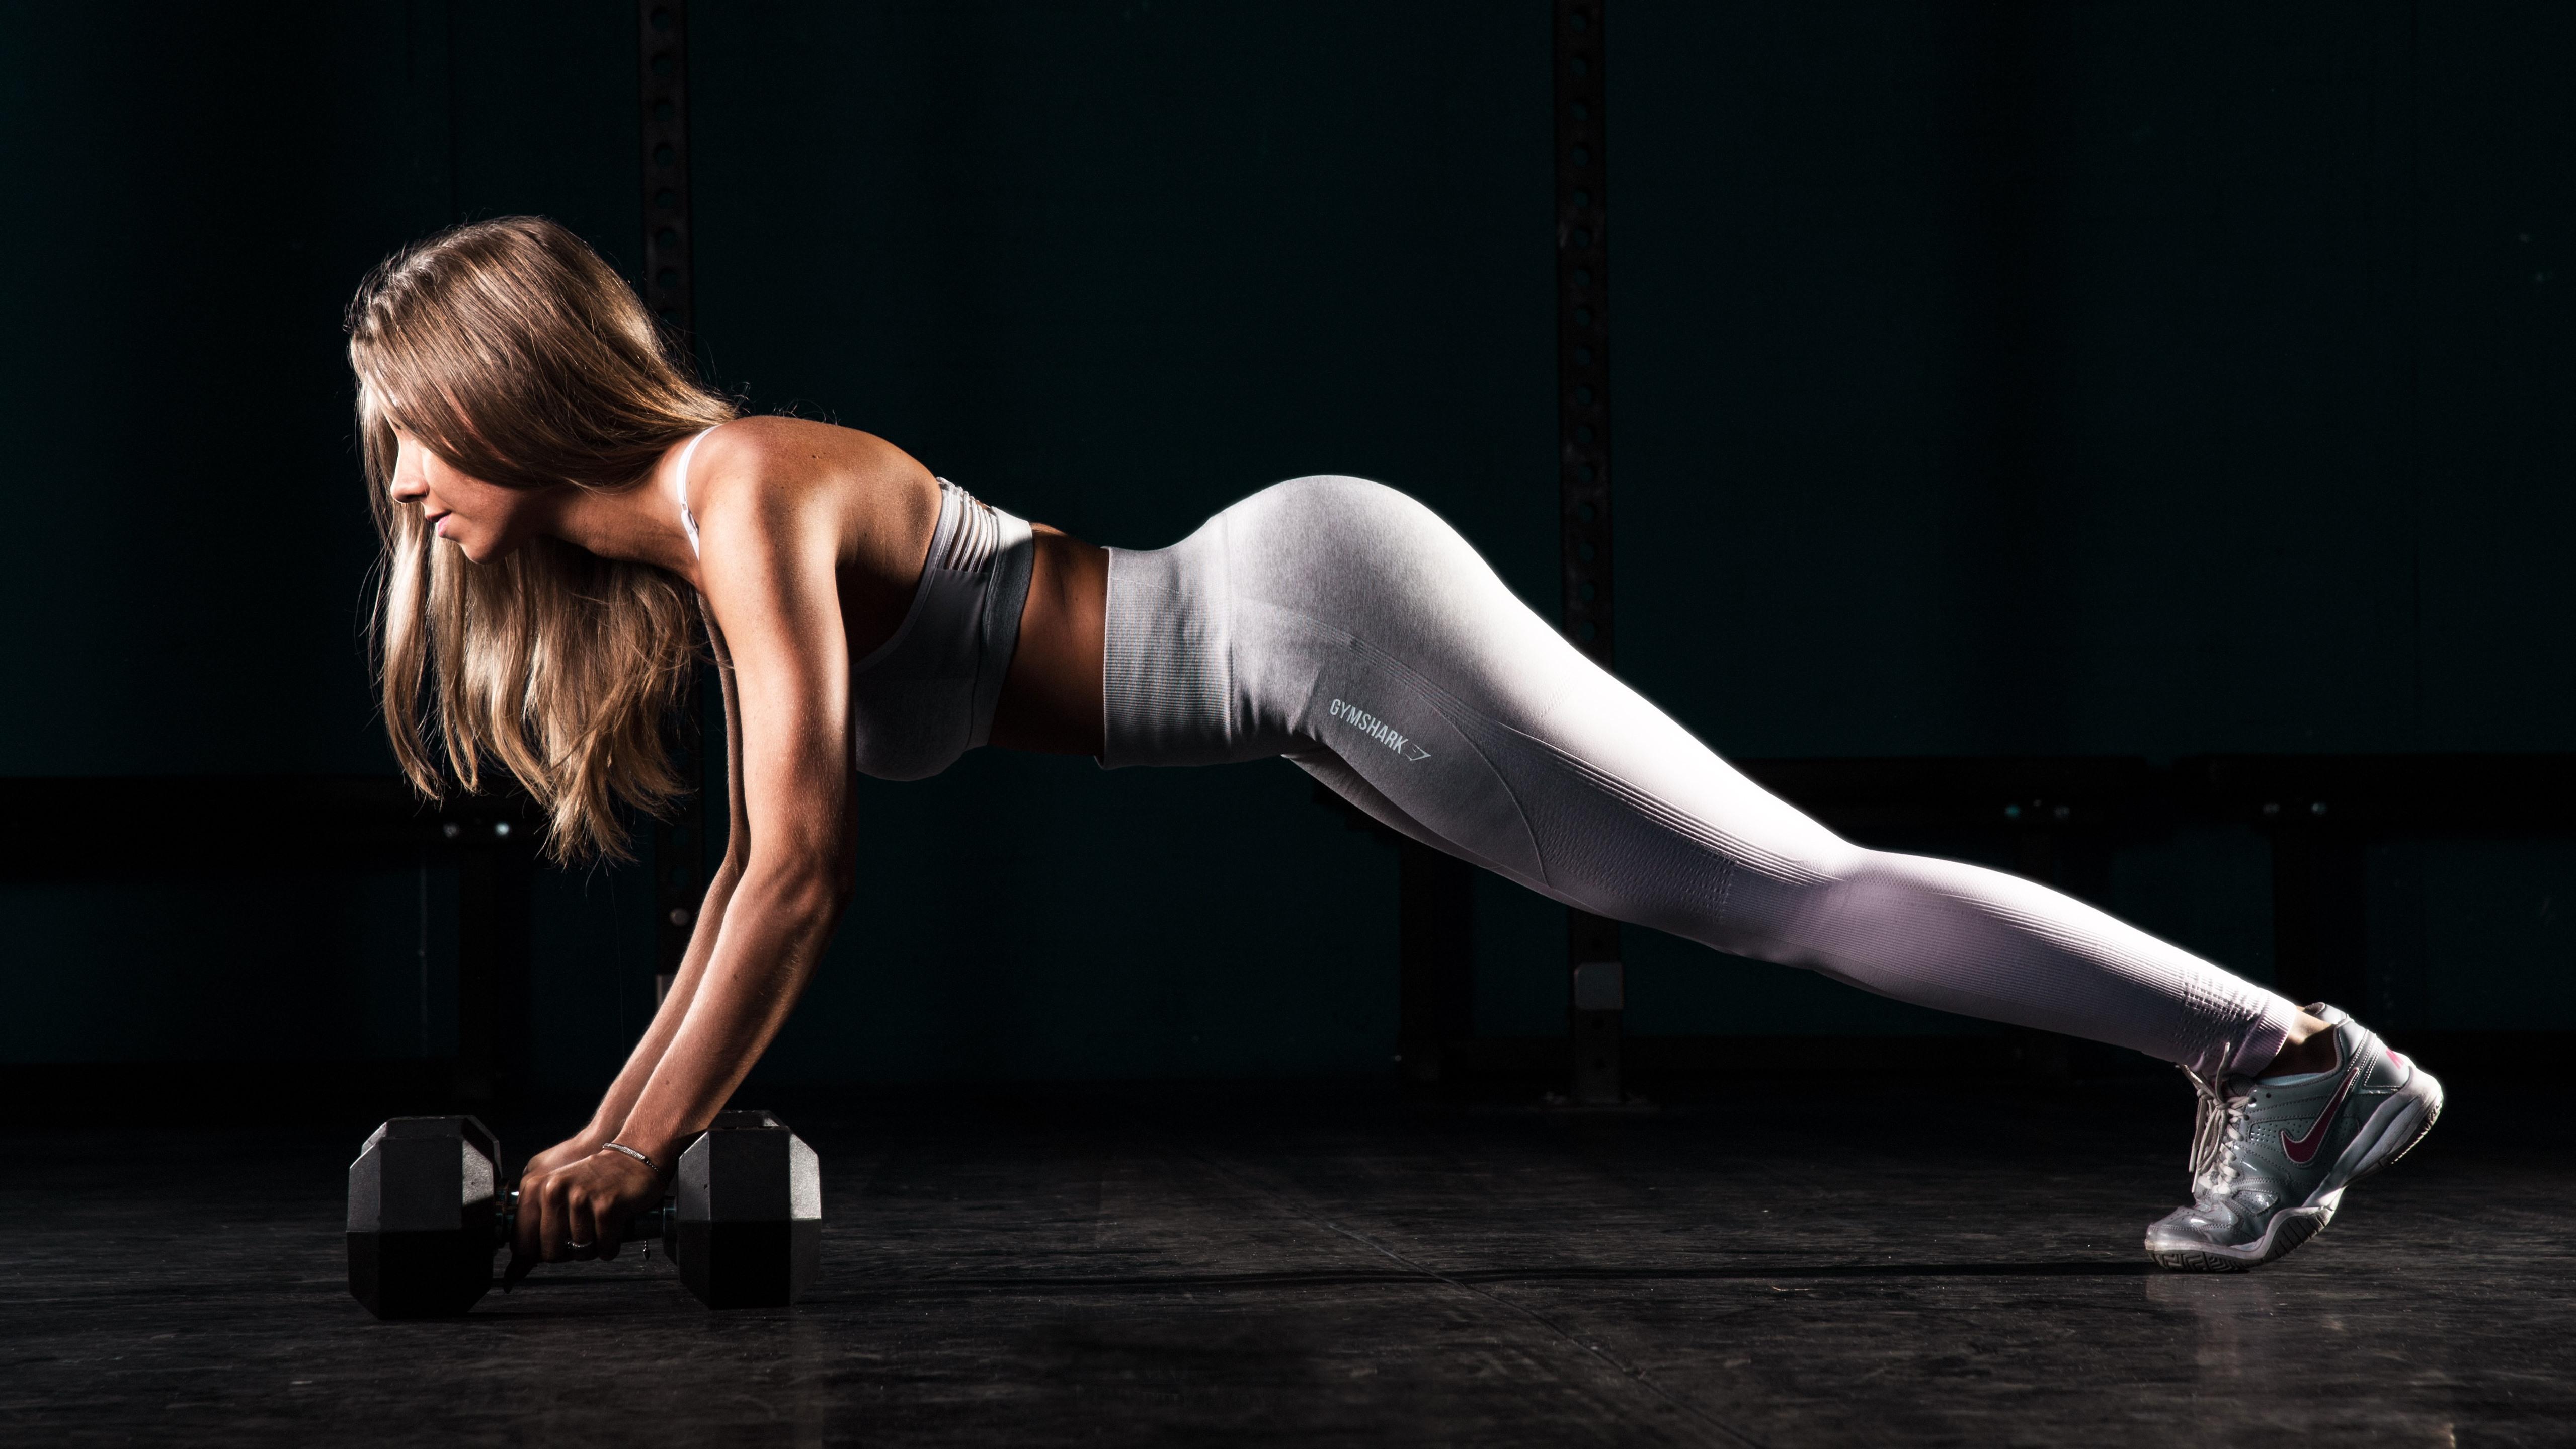 Wallpaper Fitness Girl Pose Gym Yoga 5120x2880 Uhd 5k